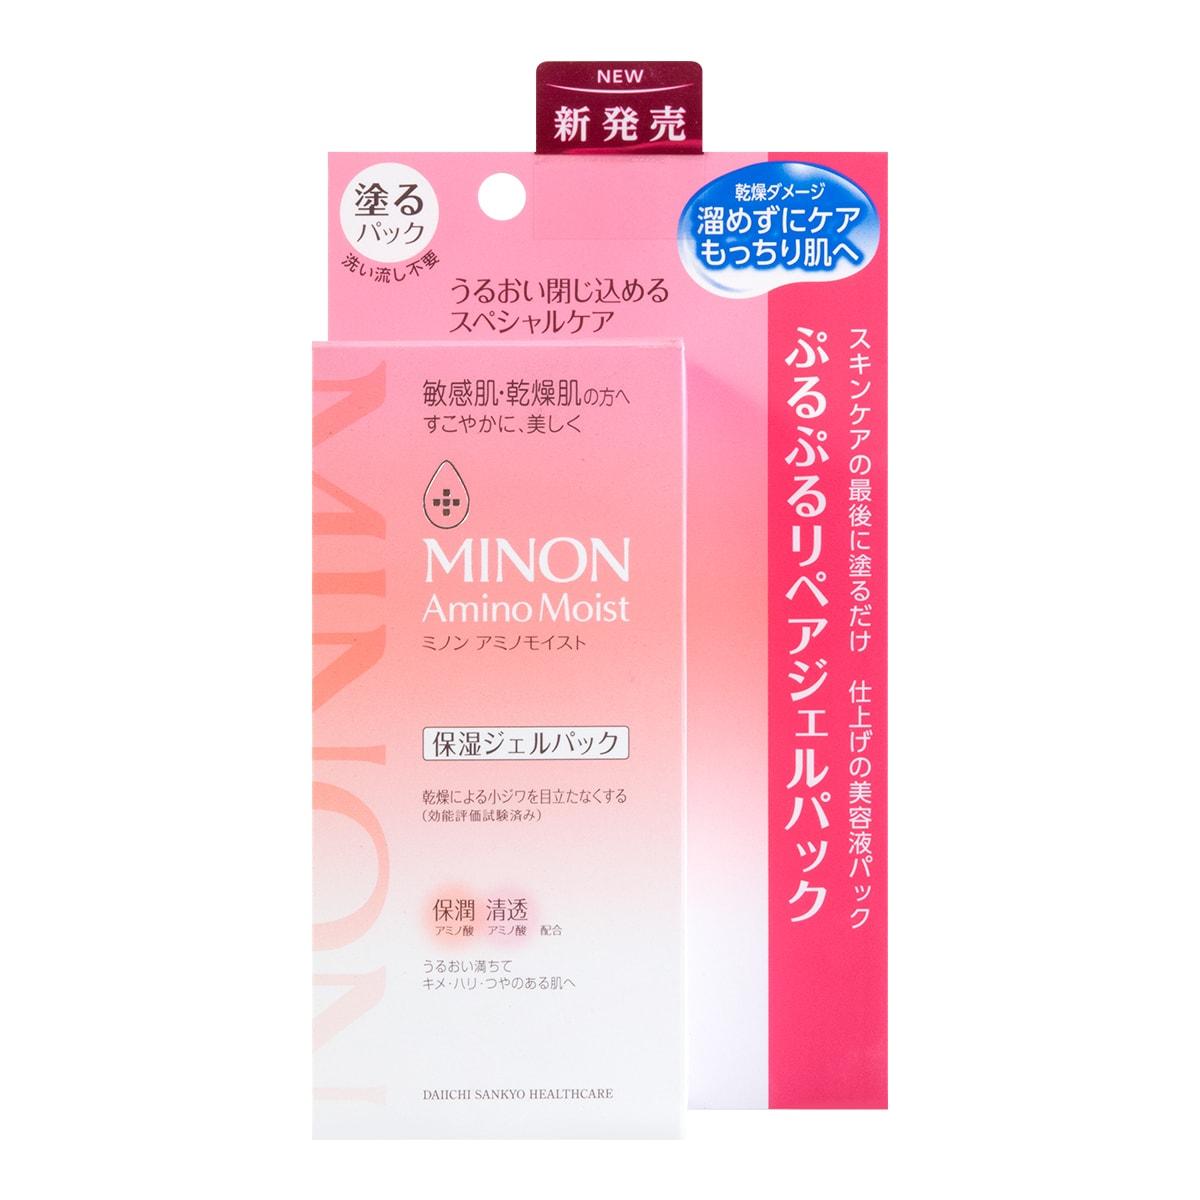 日本第一三共 MINON氨基酸补水保湿免洗睡眠面膜 60g 敏感干燥肌用